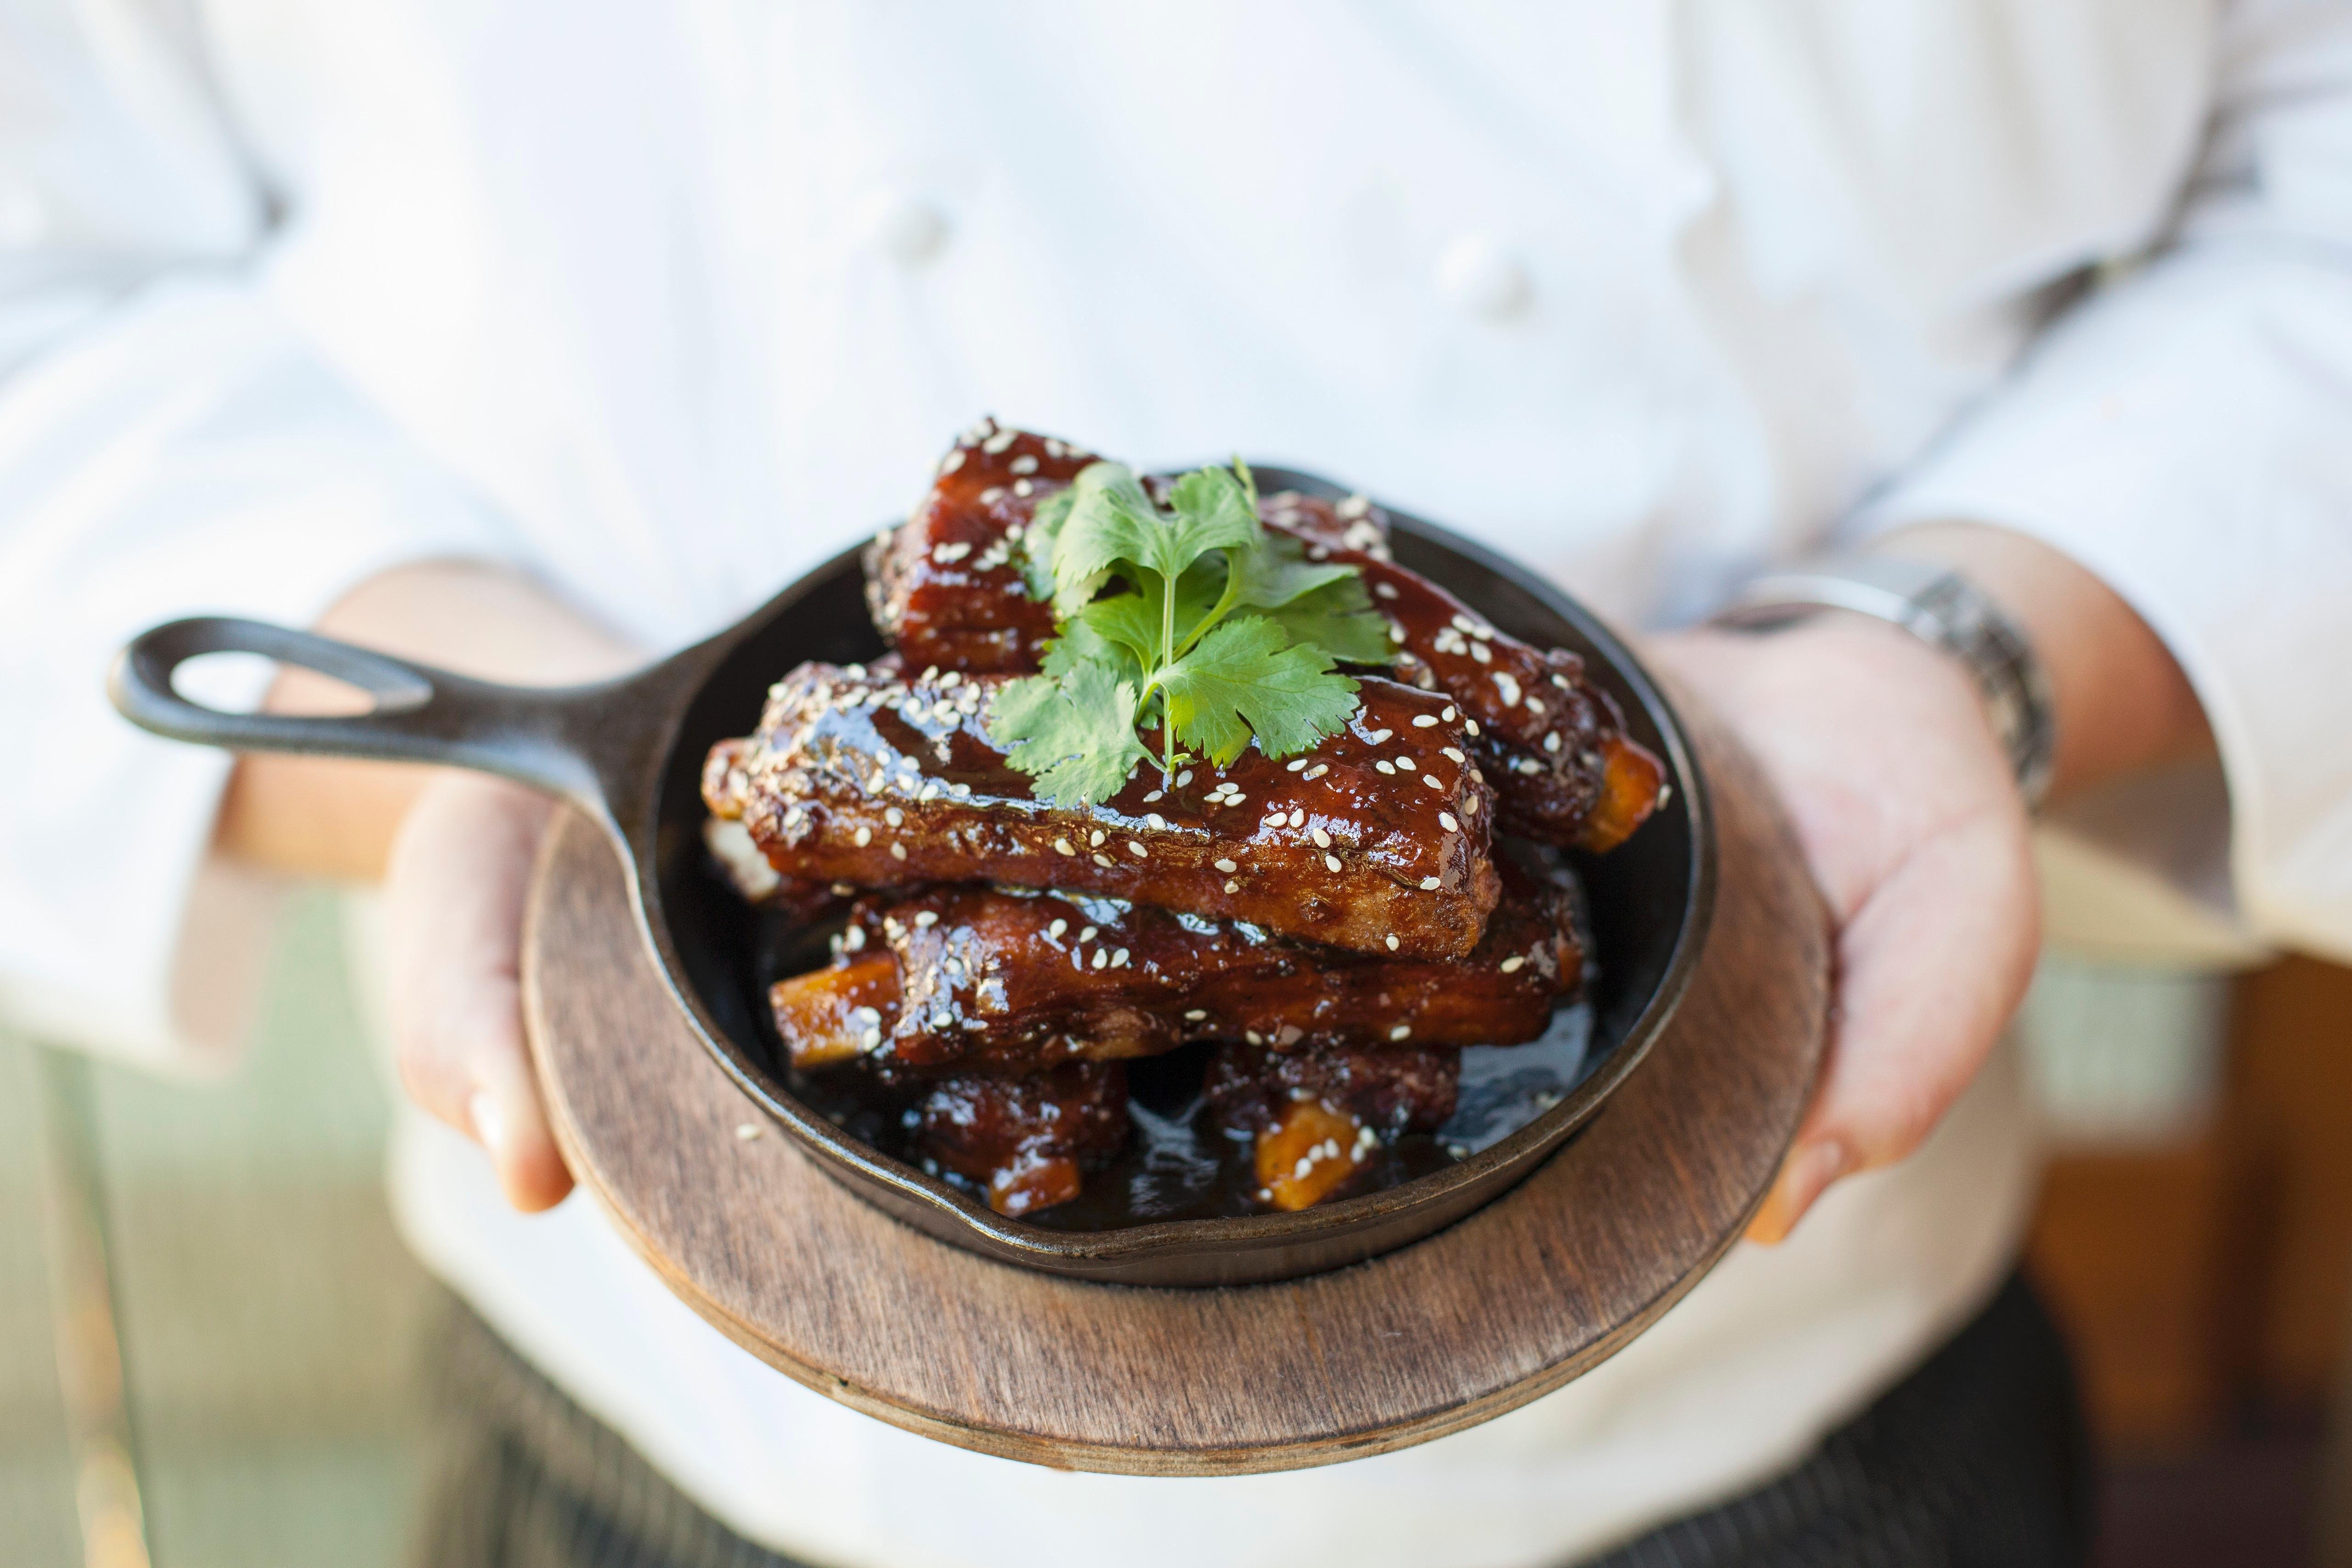 Nom Nom Paleo's Slow Cooker Korean Short Ribs Recipe